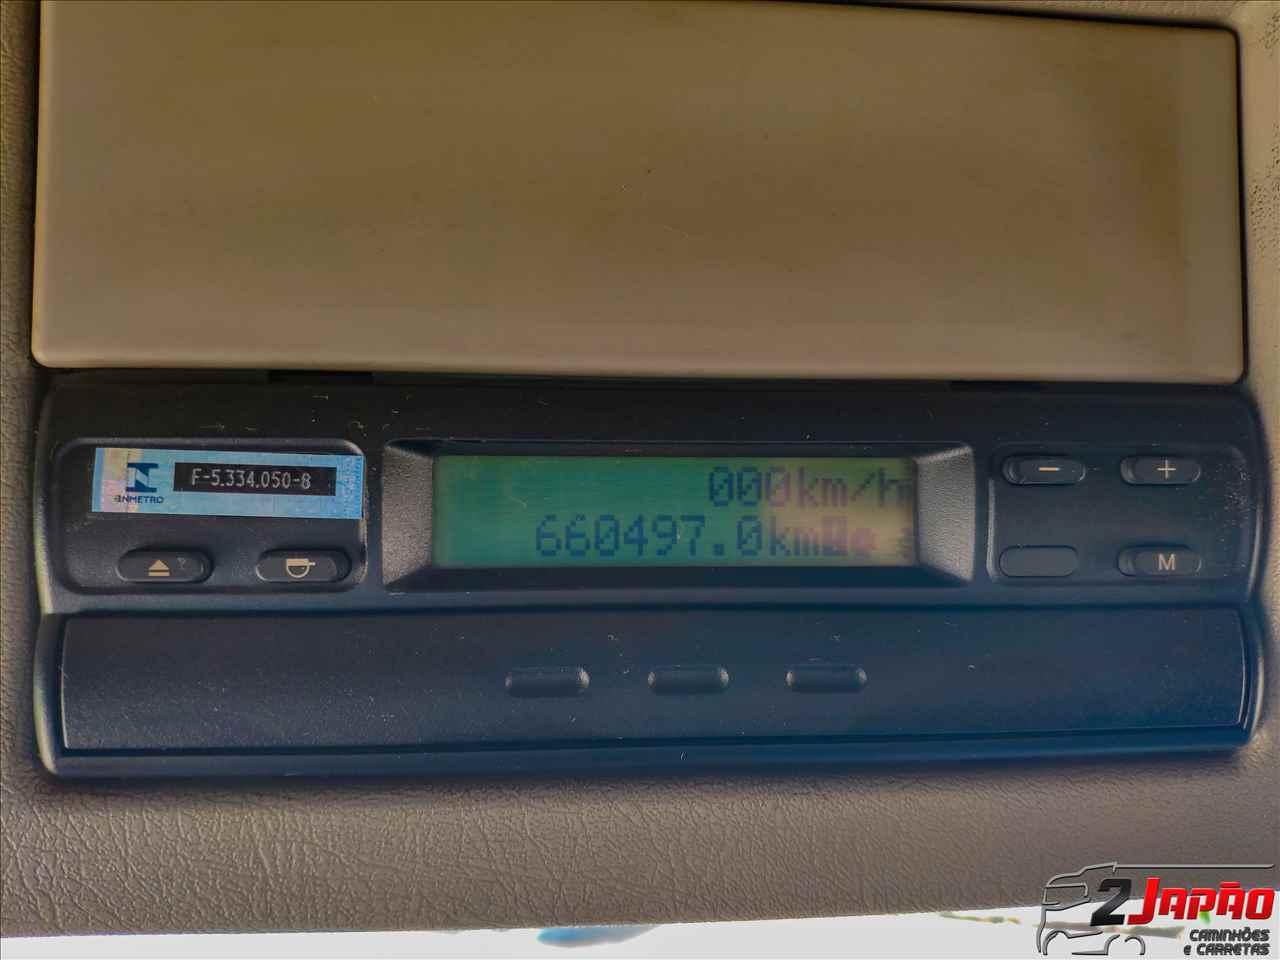 VOLVO VOLVO FM 370 660000km 2012/2012 2 Japão Caminhões e Carretas